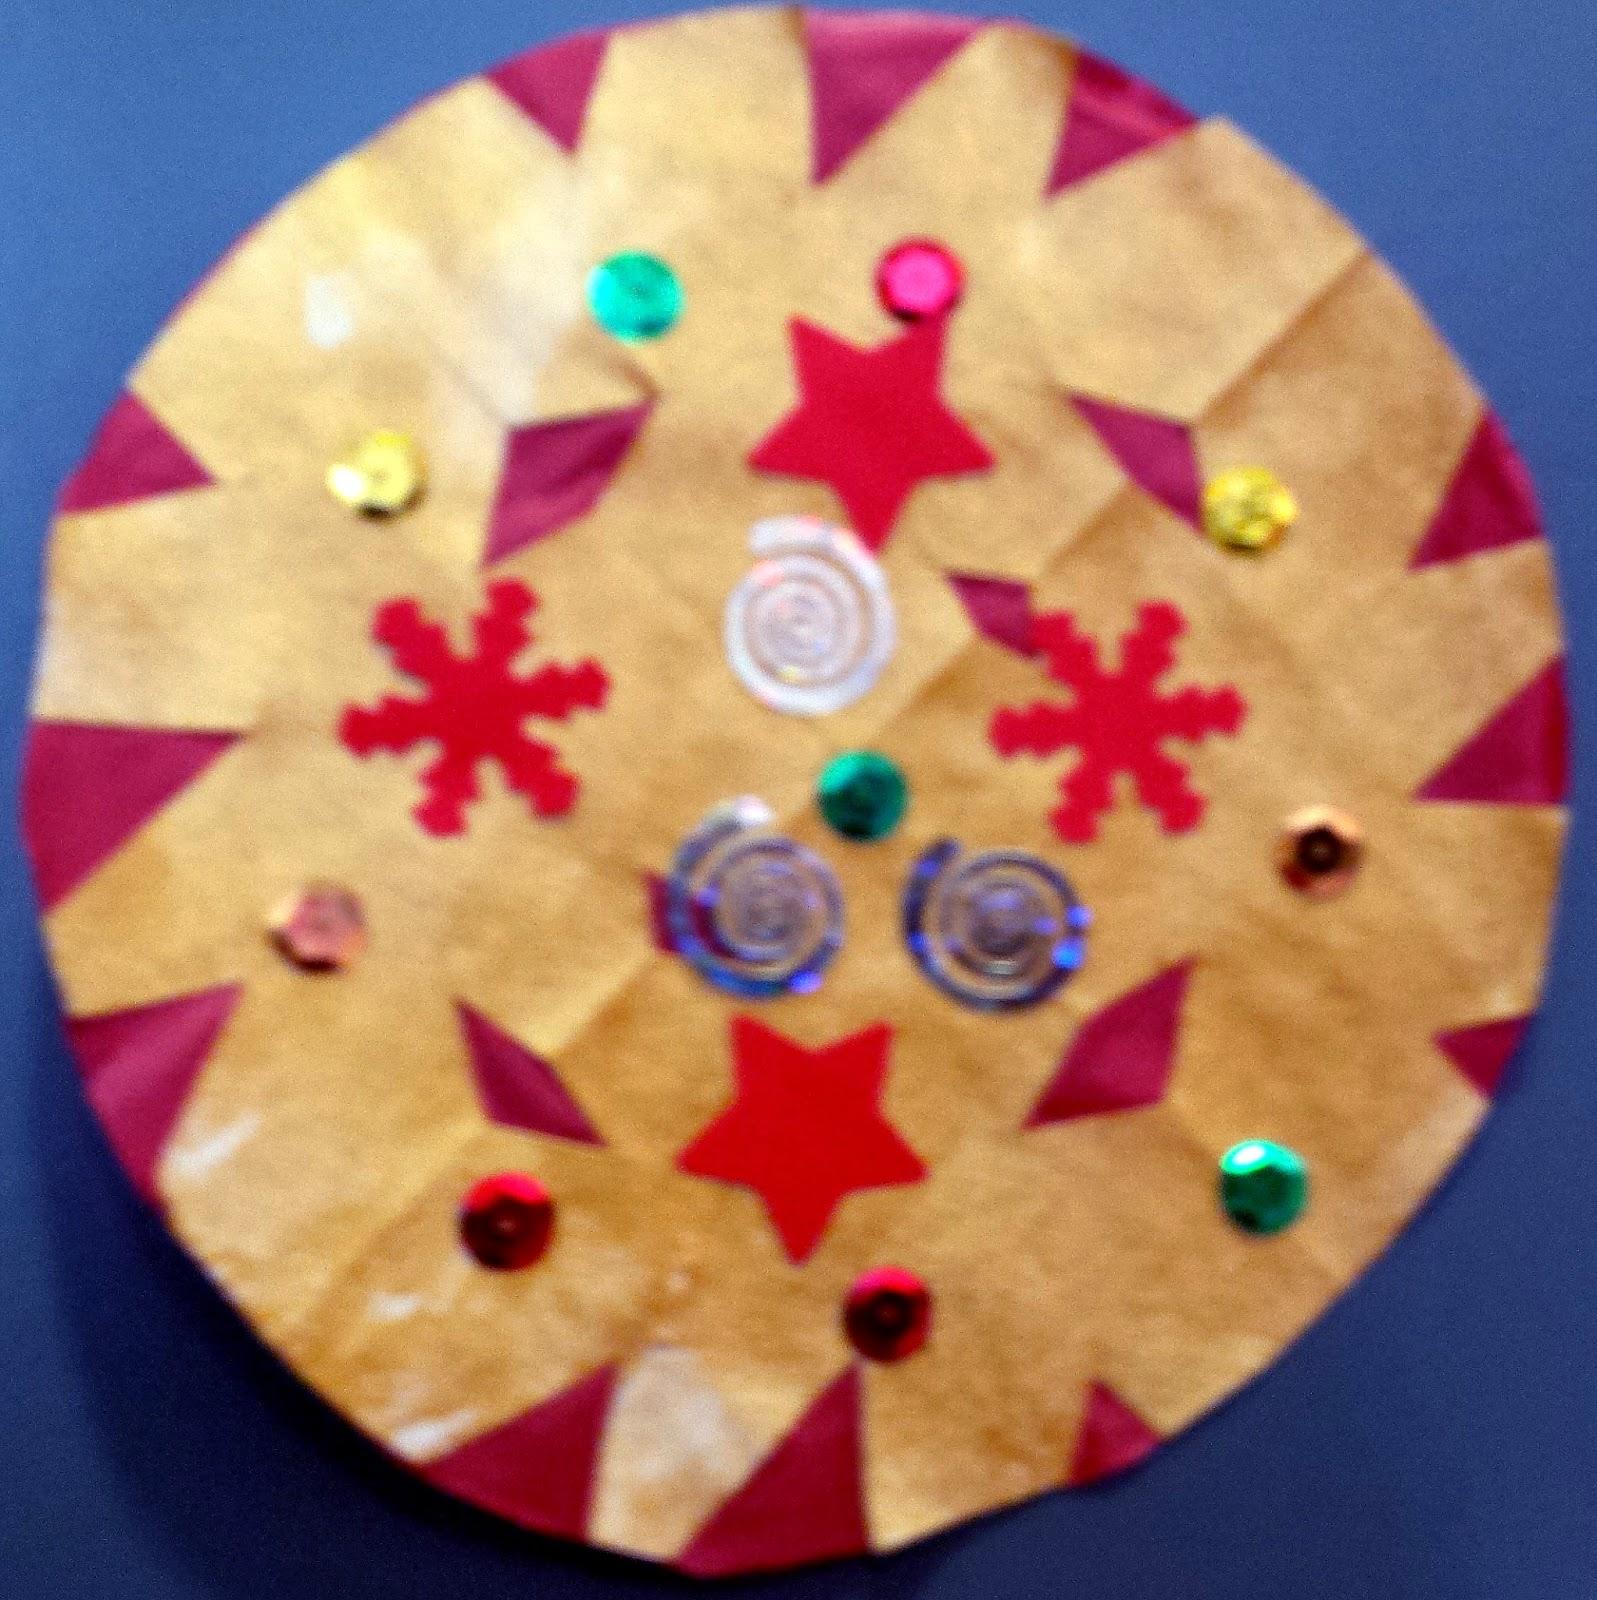 #BD0E25 Lei Lavandas: Décorations De Noël 5293 décorations de noel à fabriquer cp 1597x1600 px @ aertt.com